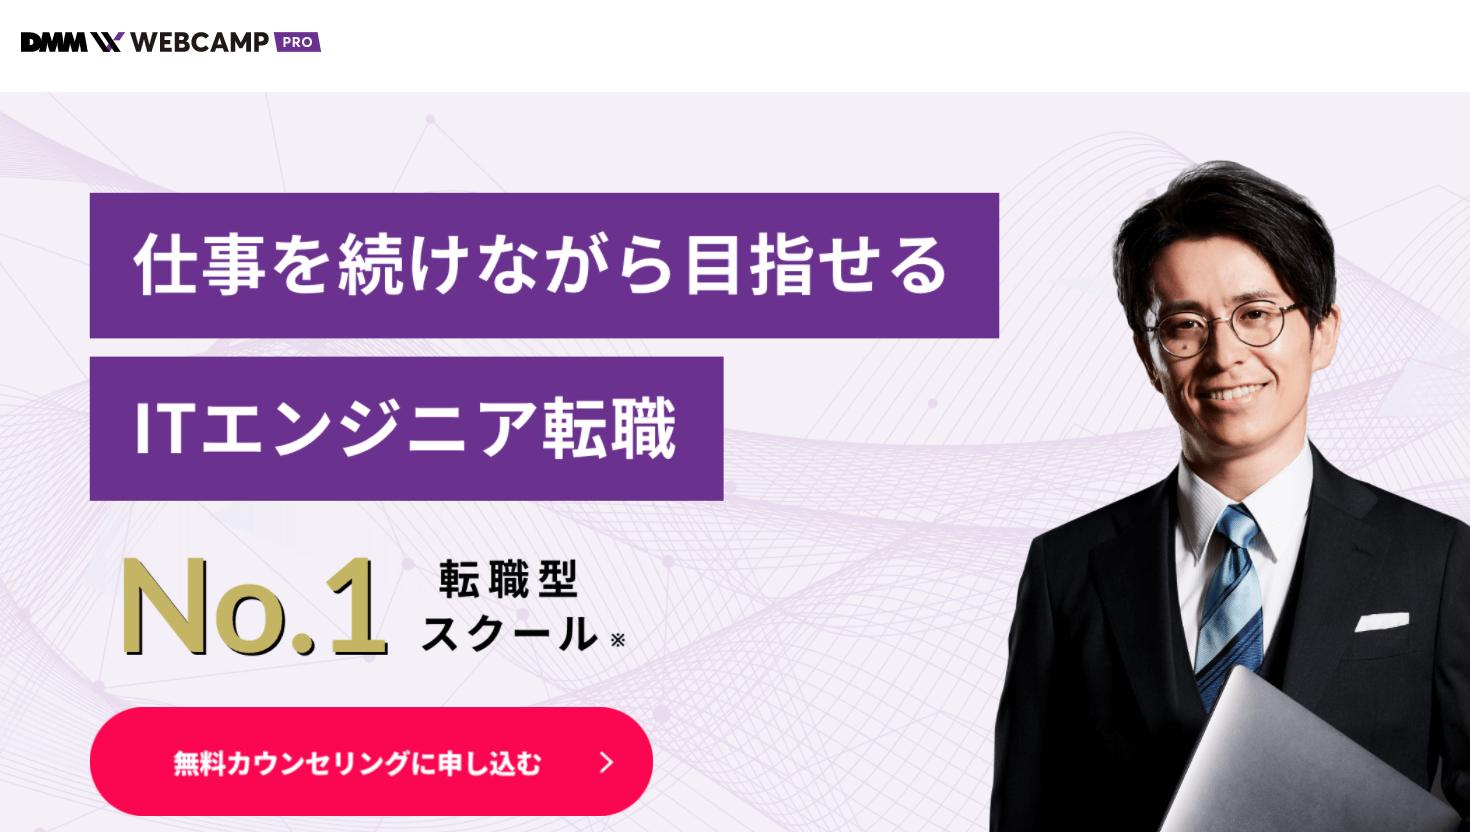 プログラミングスクール_転職_おすすめ_dmm_web_camp